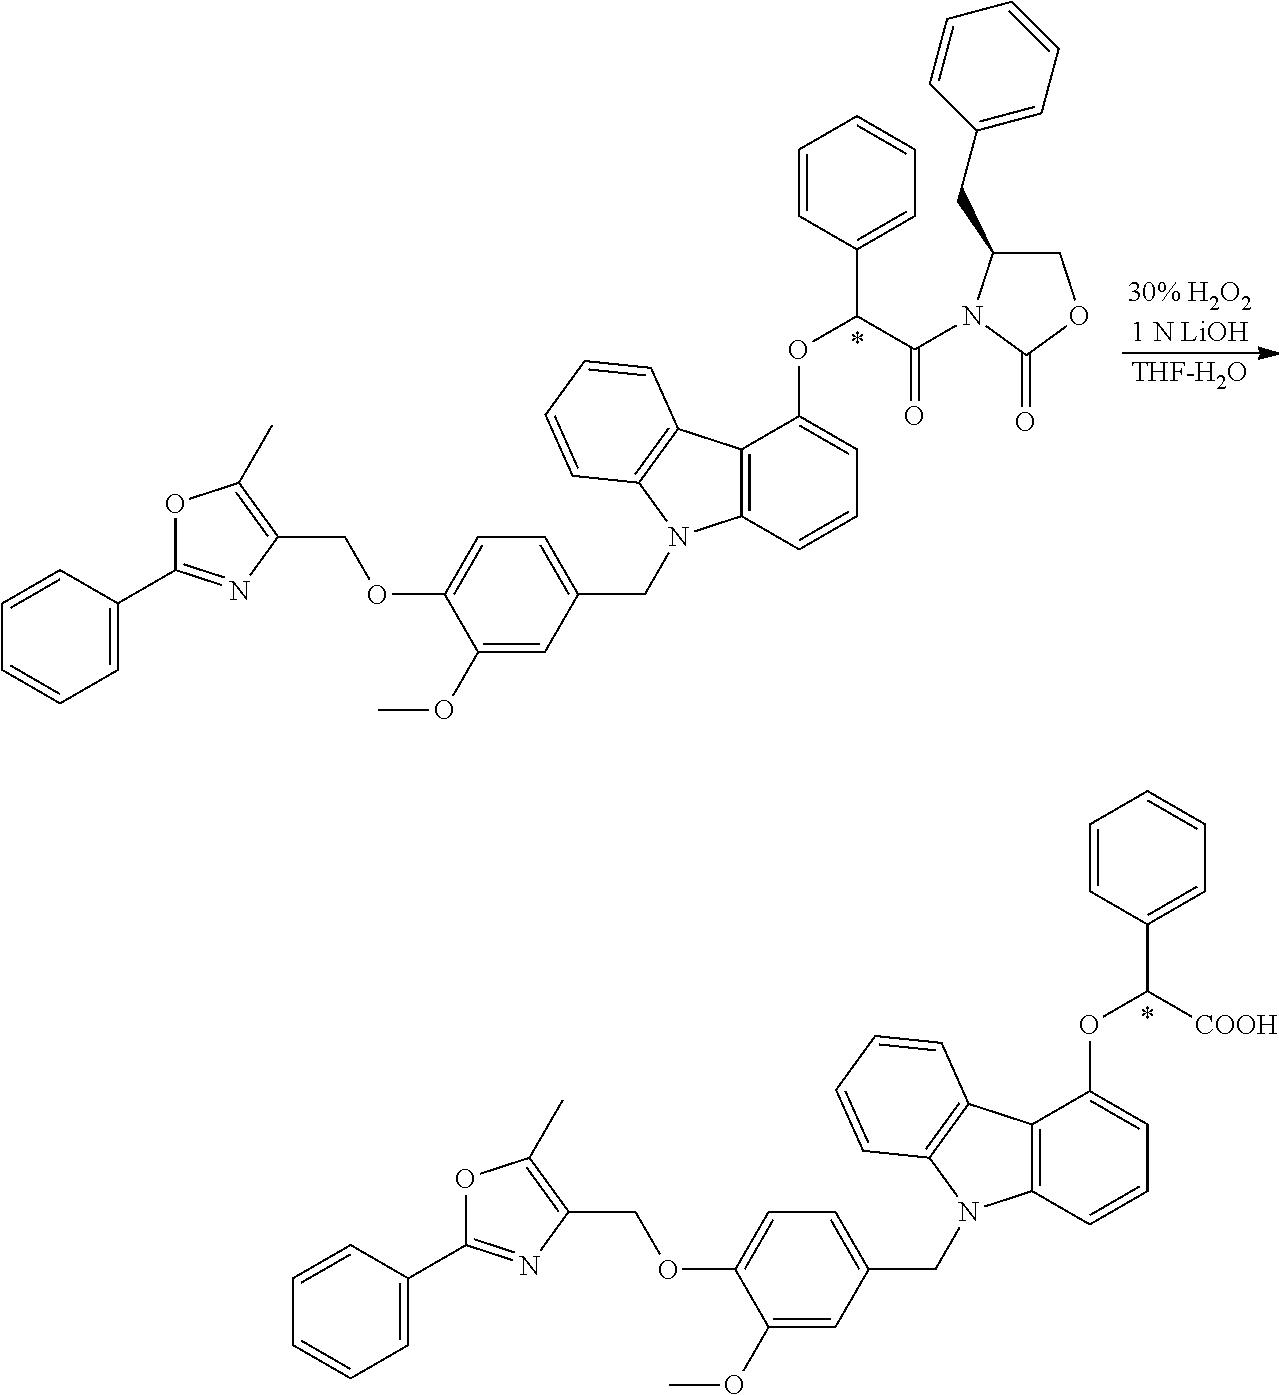 Figure US08329913-20121211-C00108